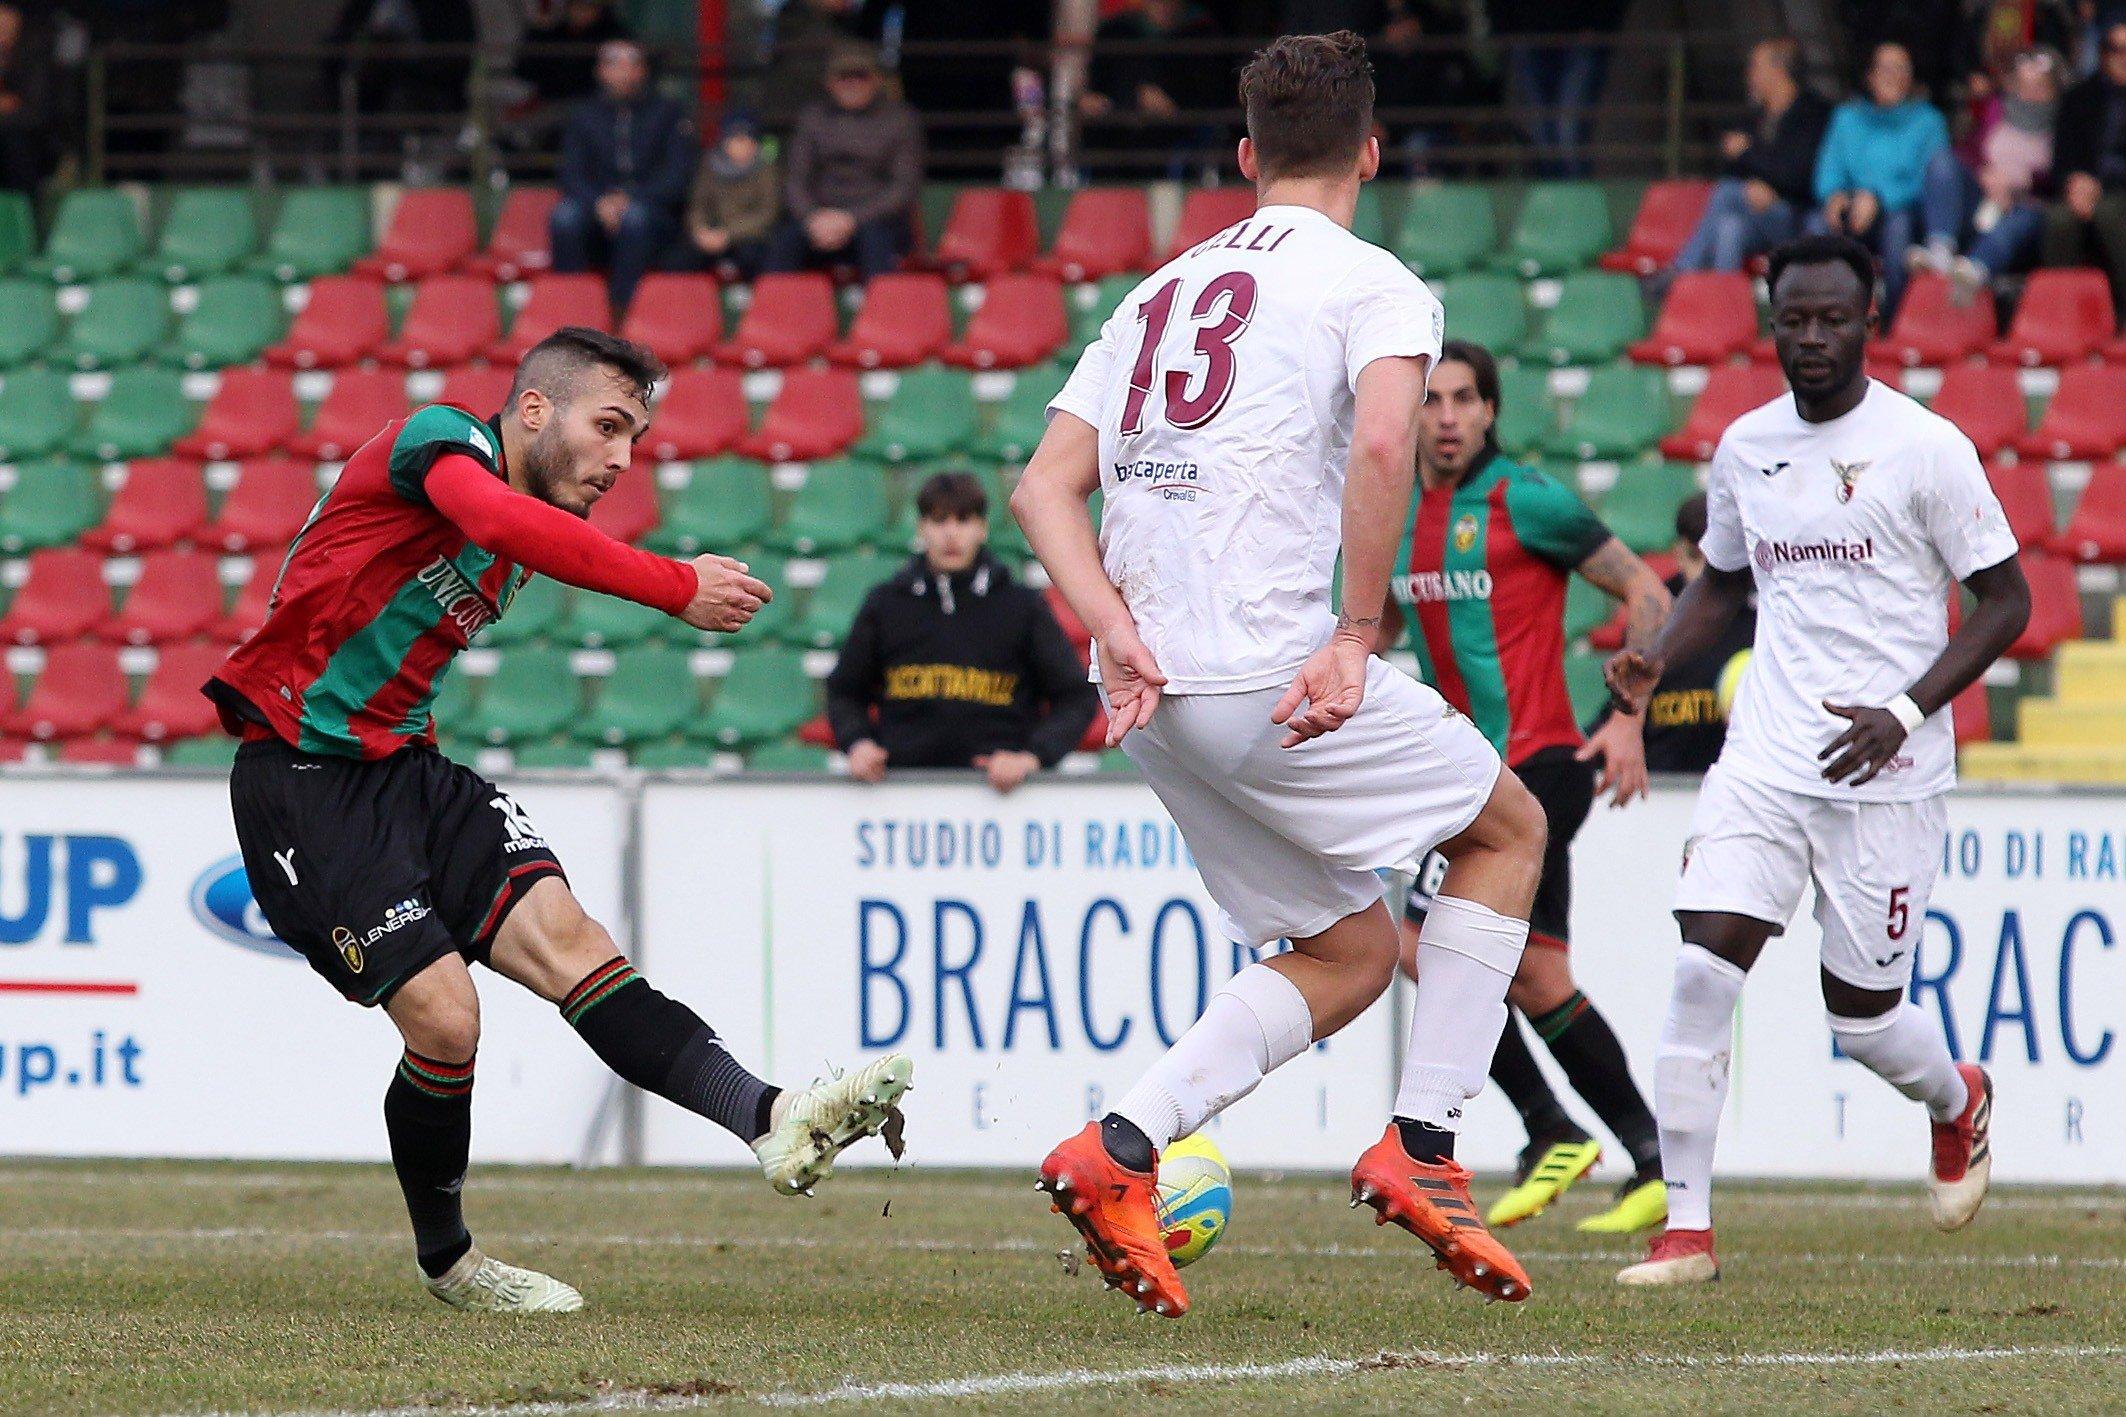 Calciomercato Ternana, un attaccante in arrivo per i rossoverdi